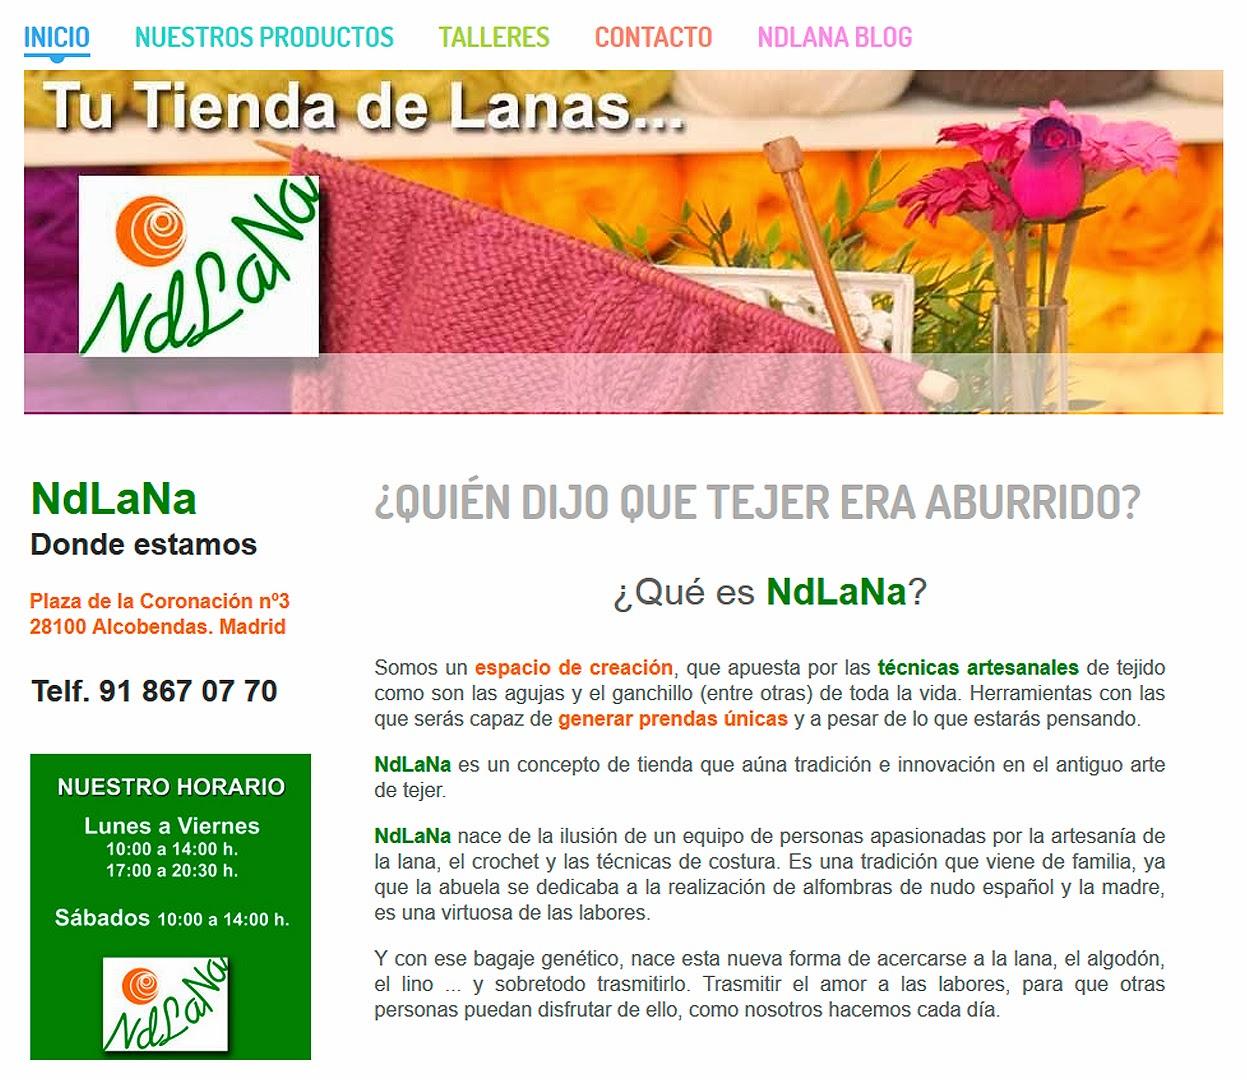 ndlana tienda lanas Alcobendas